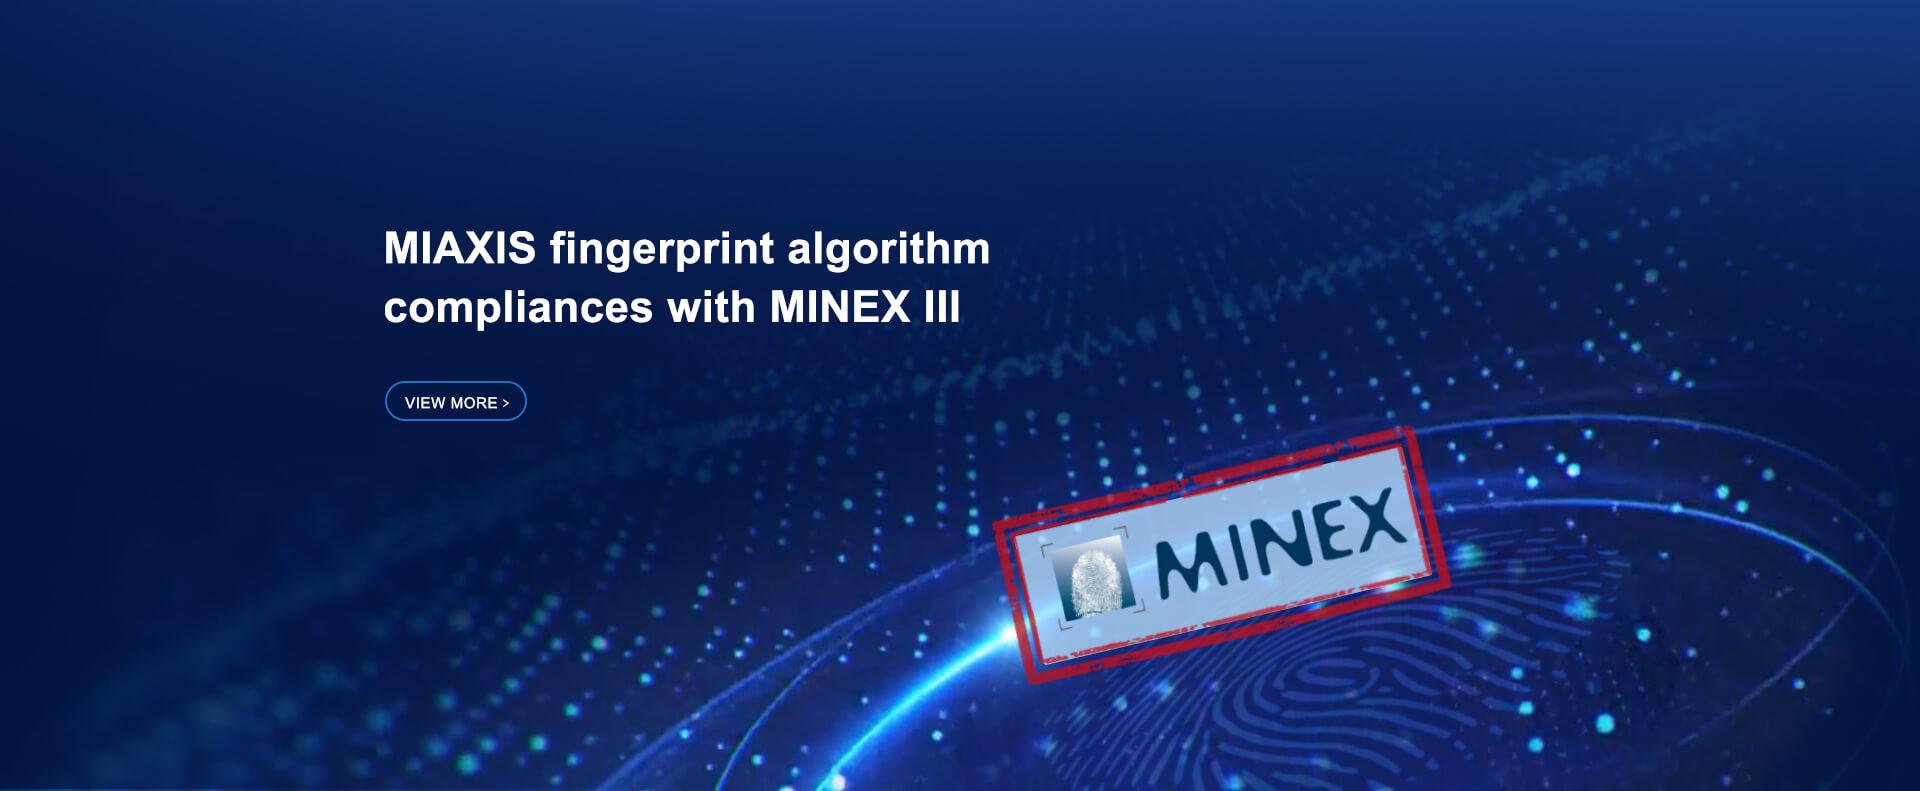 miaxis fingerprint algorithm  compliances with minex